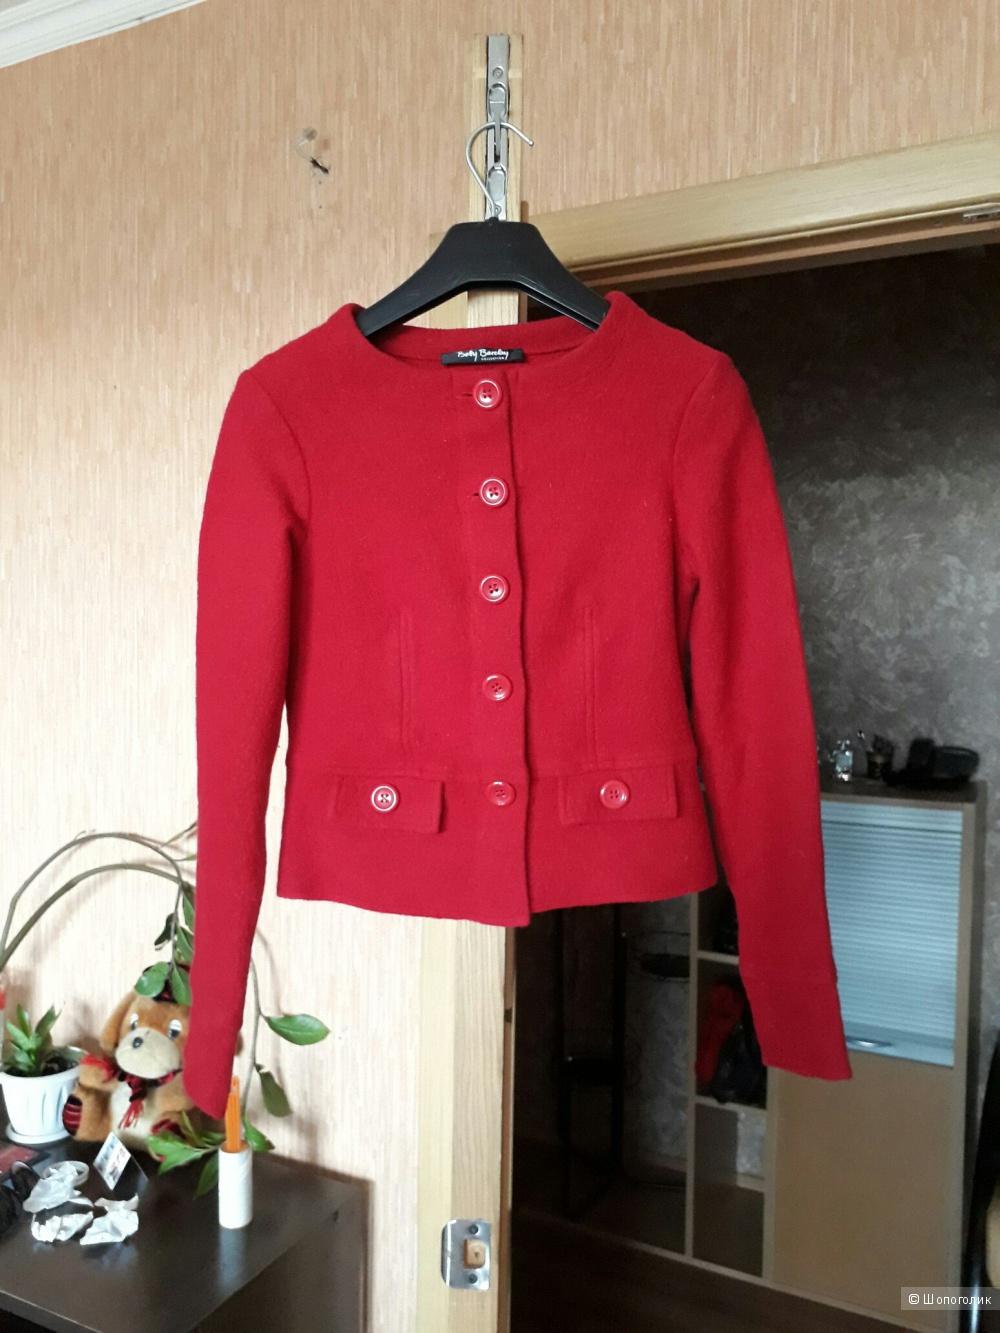 Платье + жакет из плотной шерсти  немецкой марки  Betty Barclay, размер 34-36(европ) на 42-44